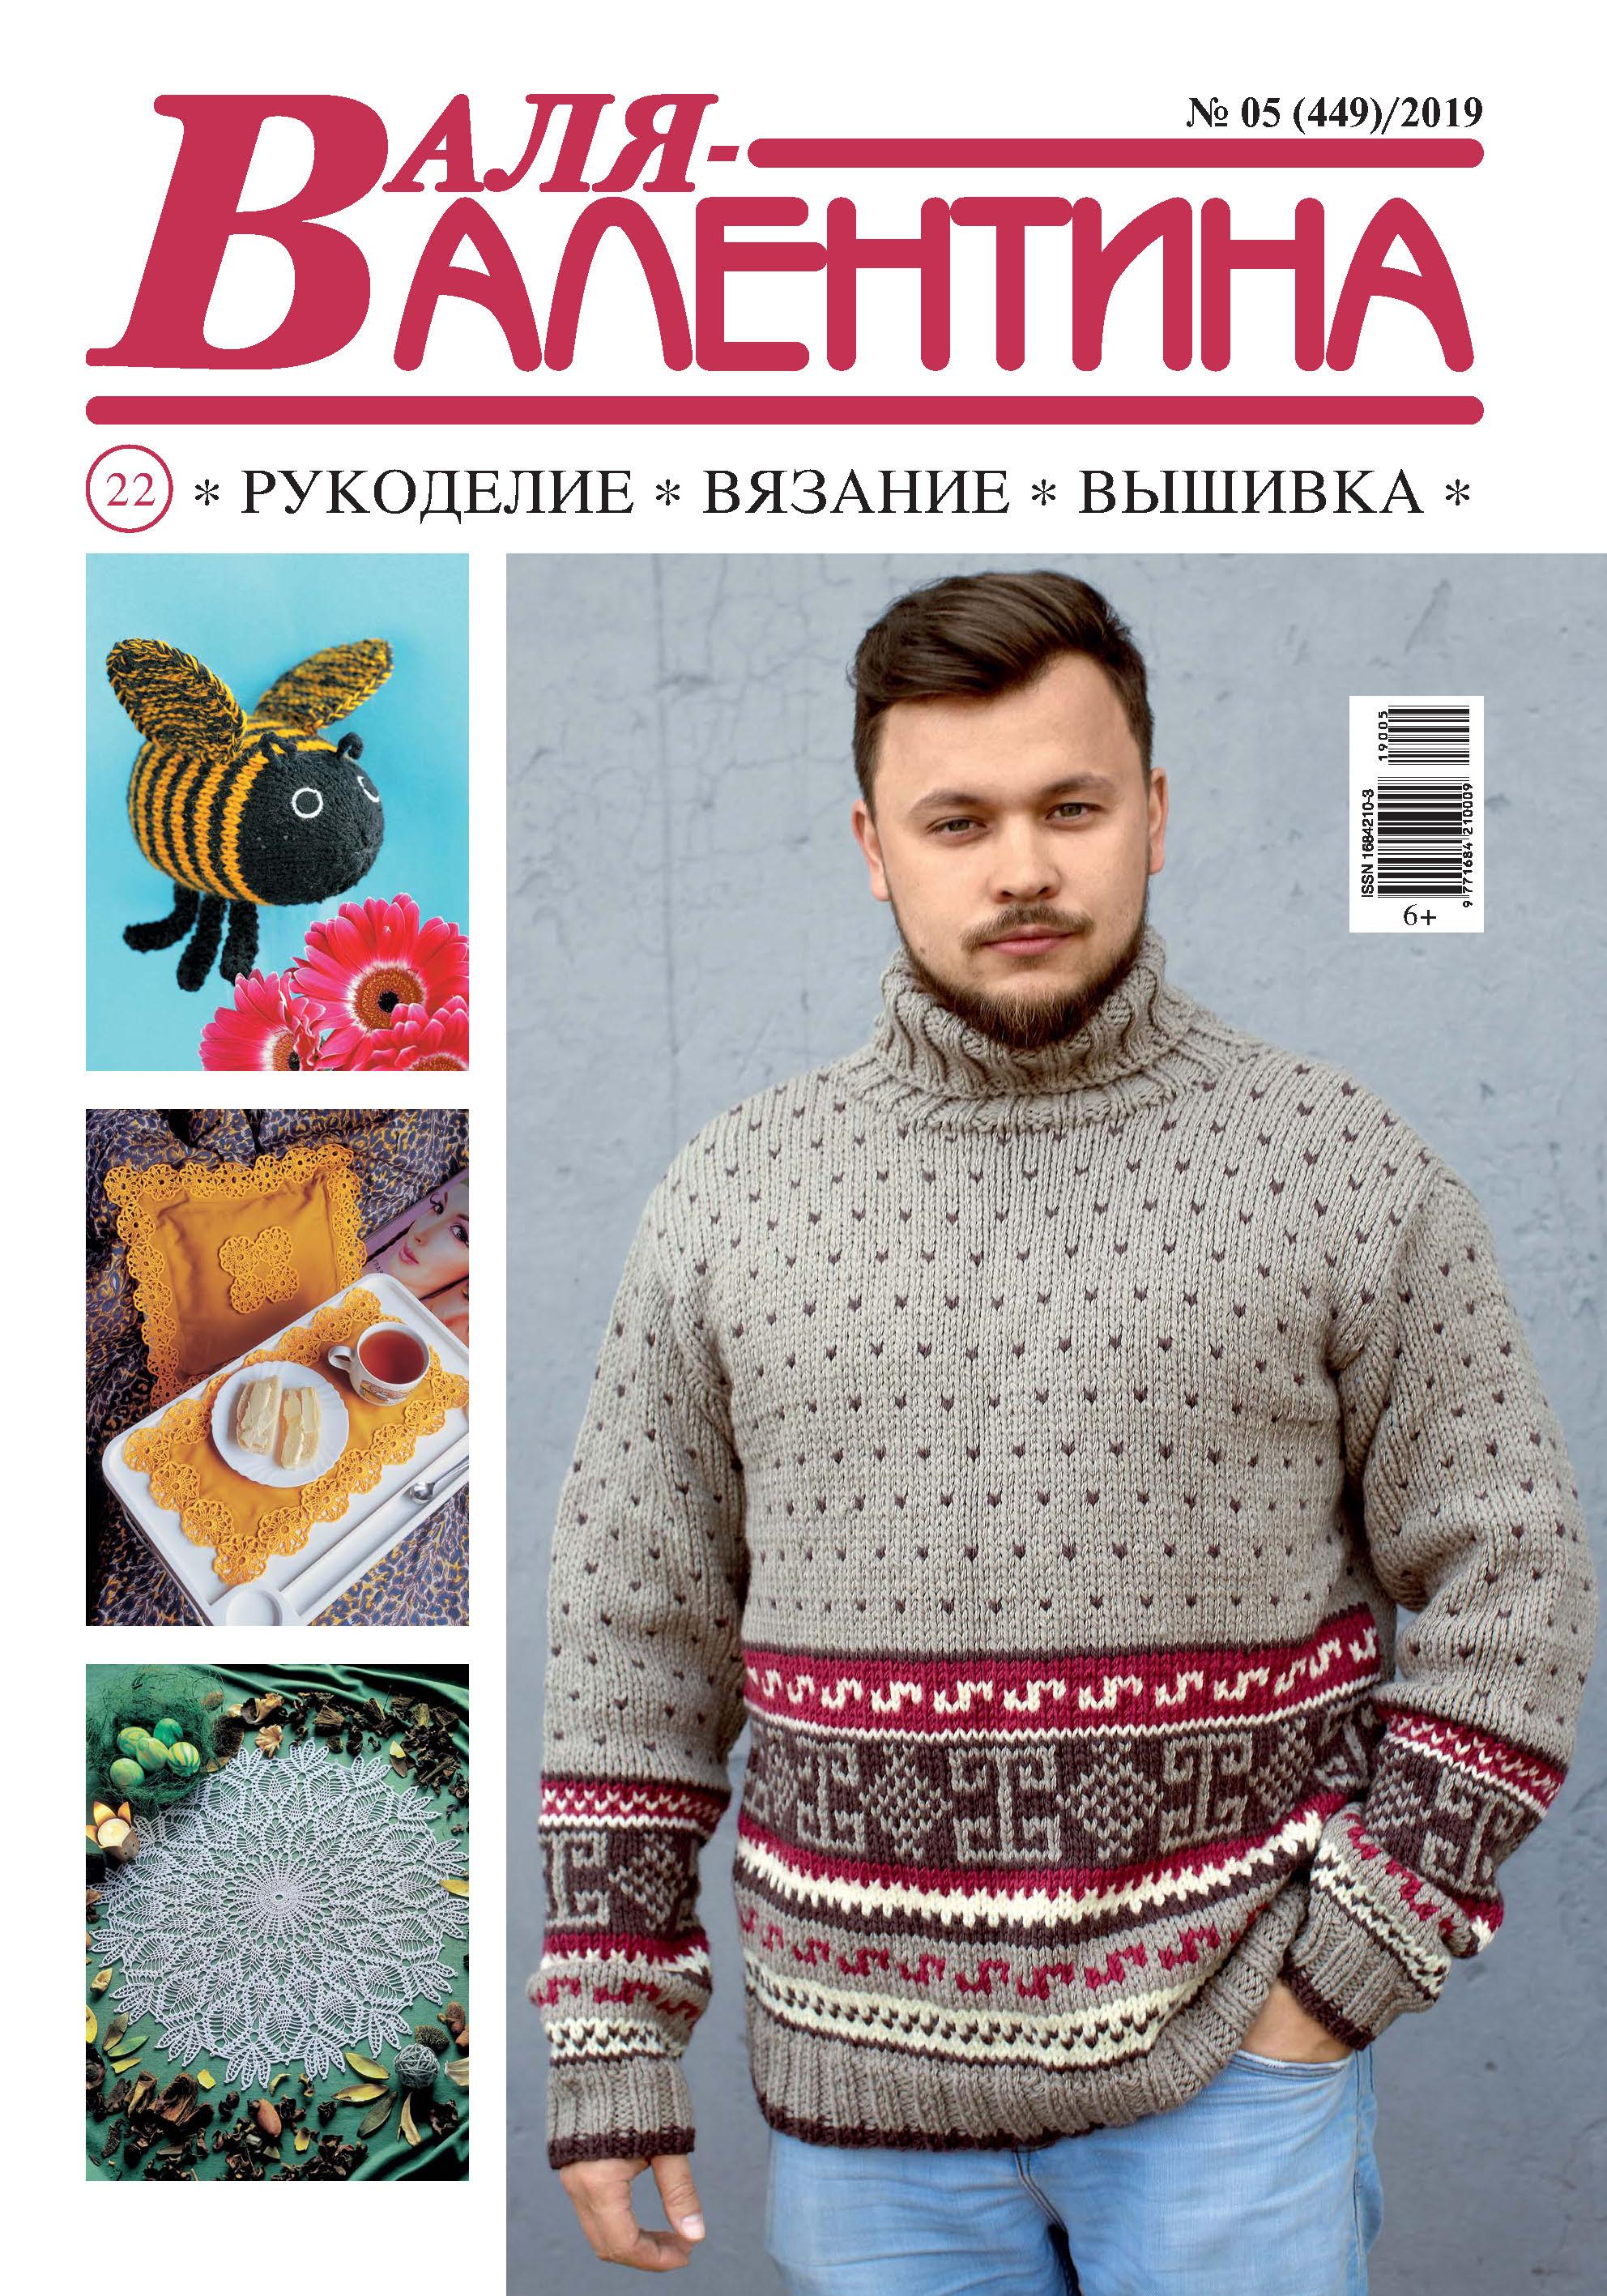 Валя-Валентина. Рукоделие, вязание, вышивка. №05/2019